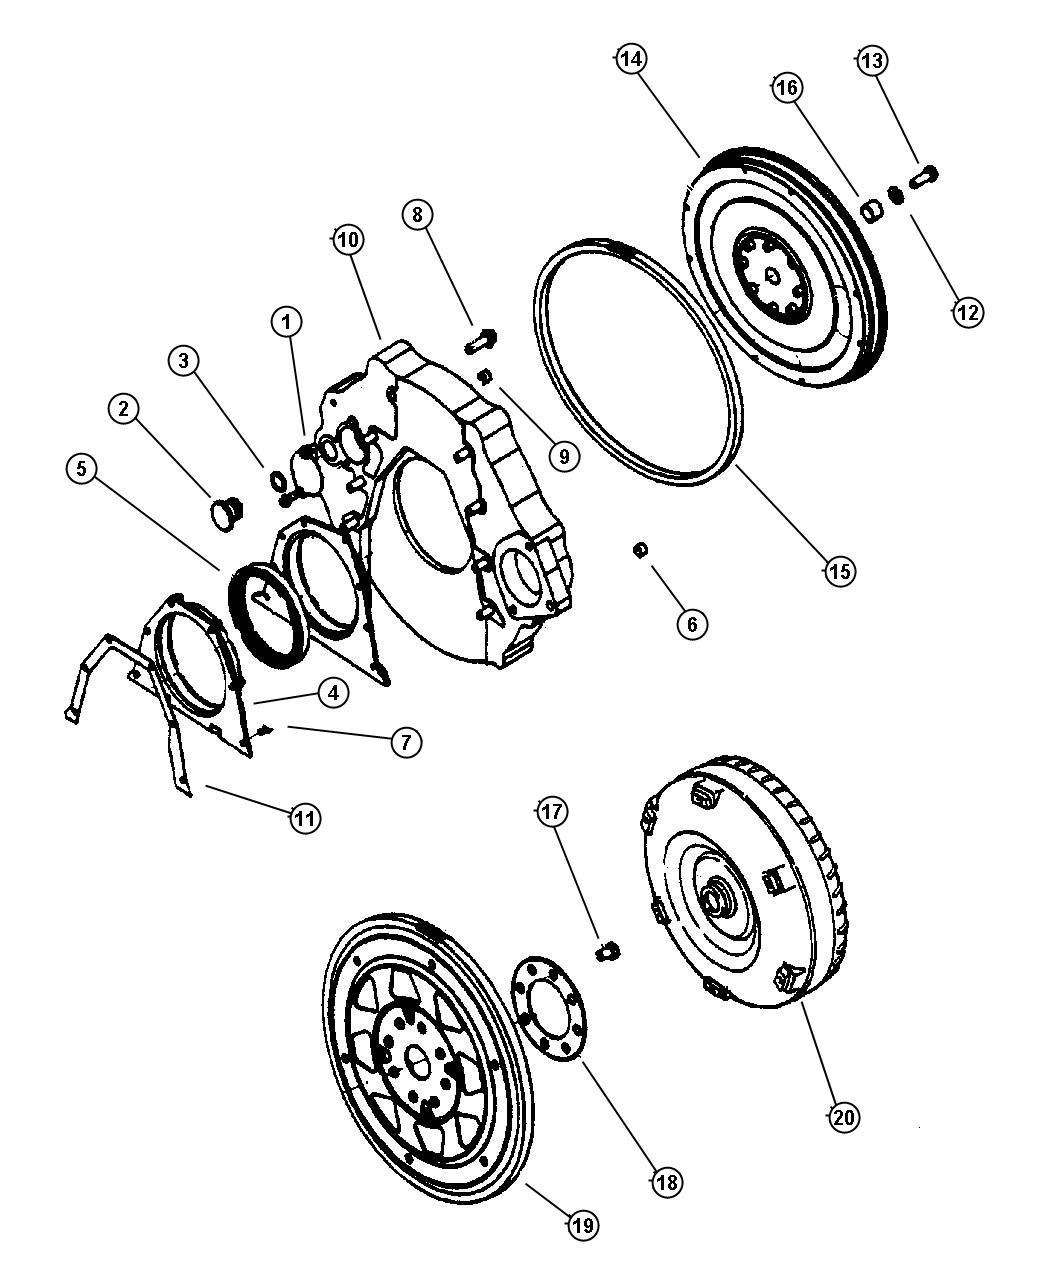 Dodge Ram Magnum 5 9l Smpi V8 5 Speed Manual